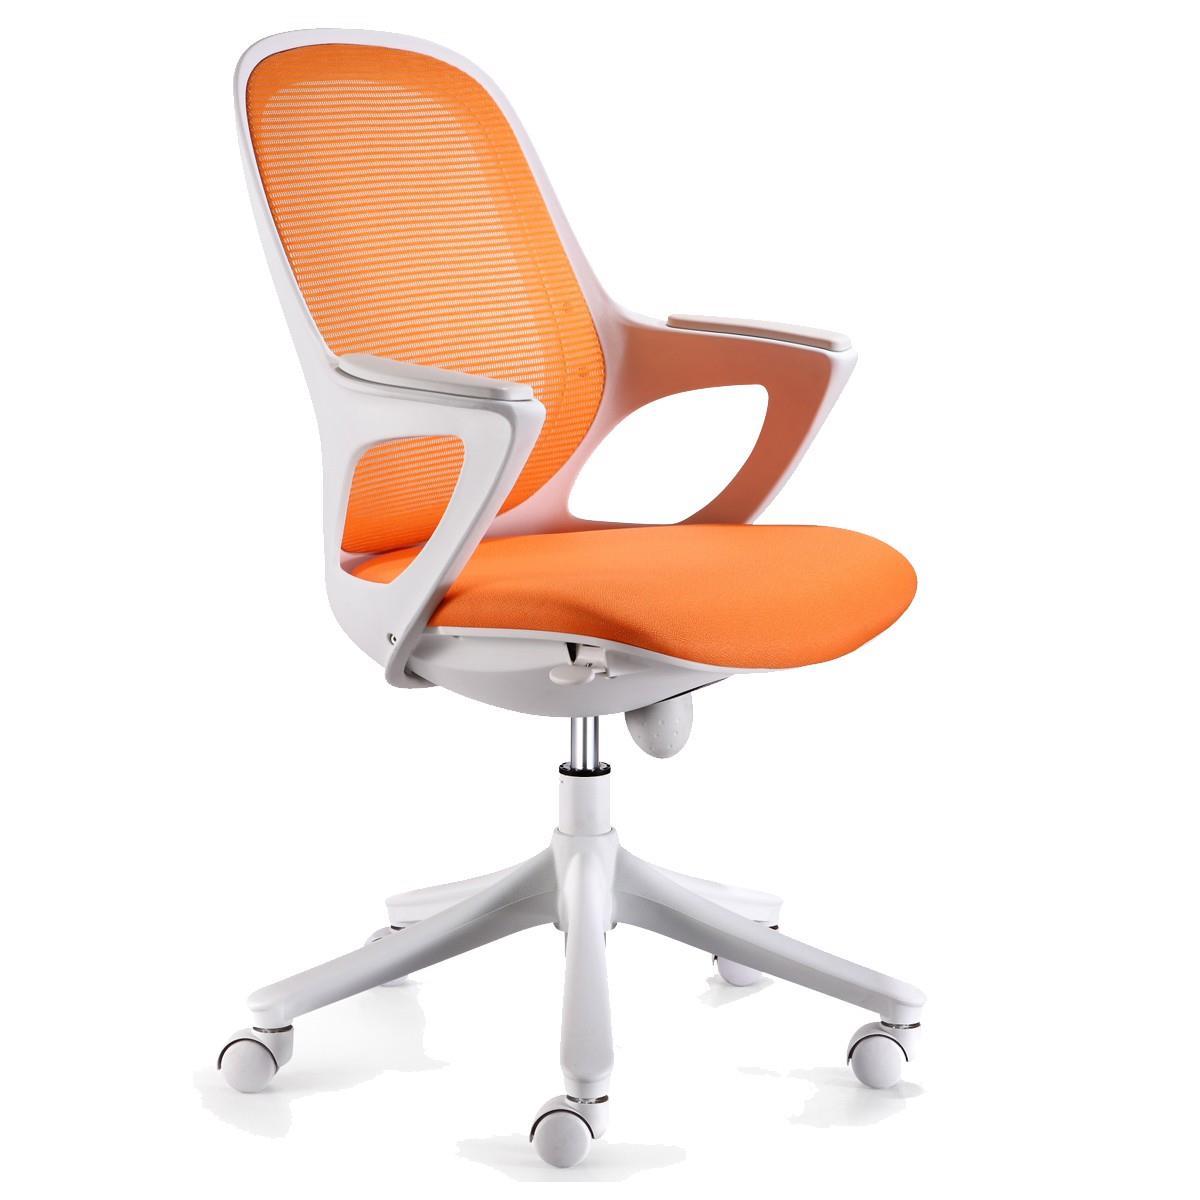 Sedie Da Ufficio Arancione.Sedia Per Ufficio Virgo Ergonomica Sedile Imbottito Bianco E